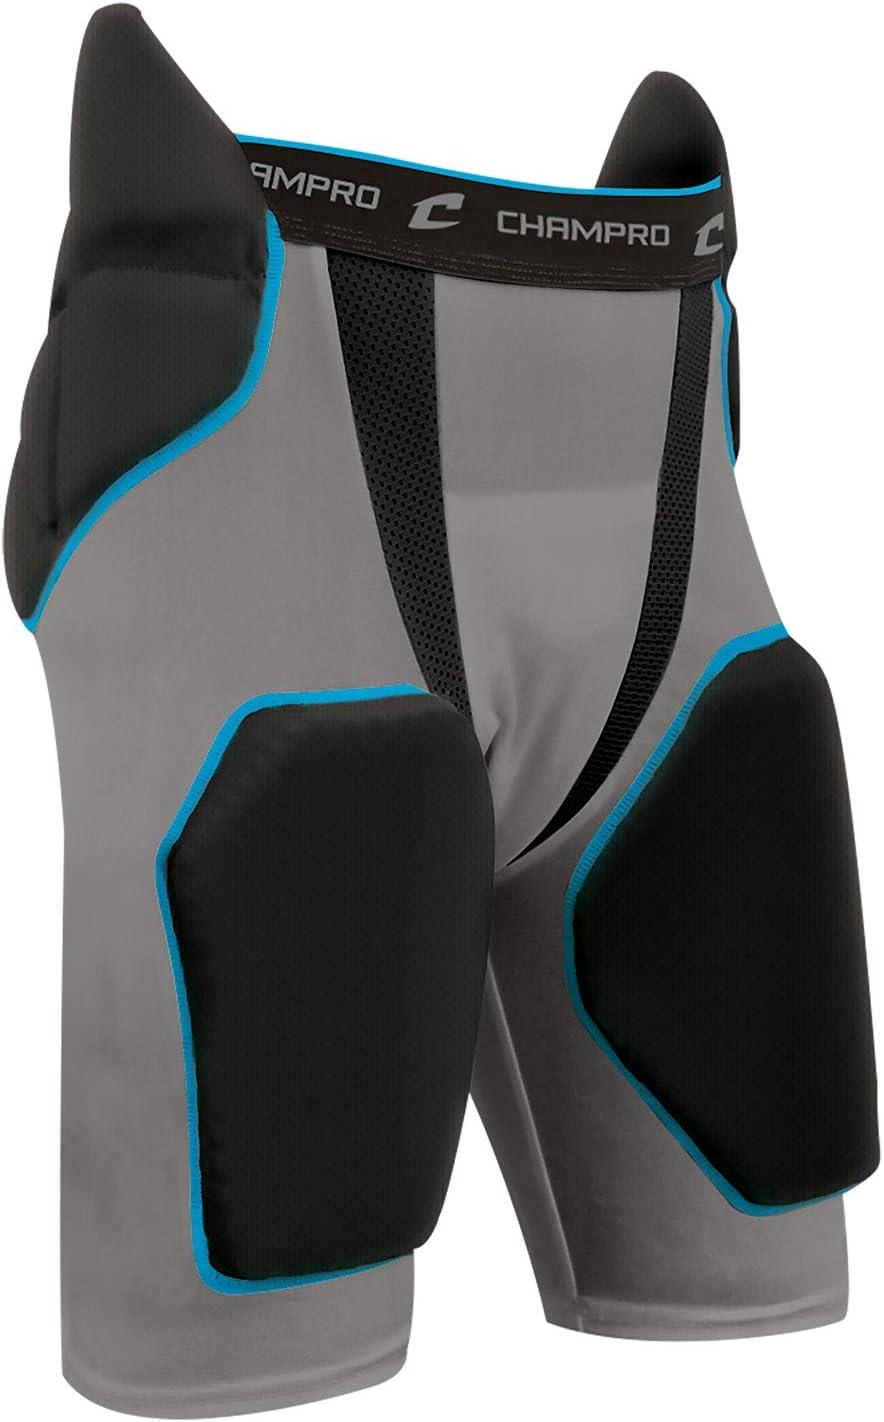 Champro Tri-Flex Intégré Football Panty avec Construit en Hip-Tail Coussinets et de la Cuisse